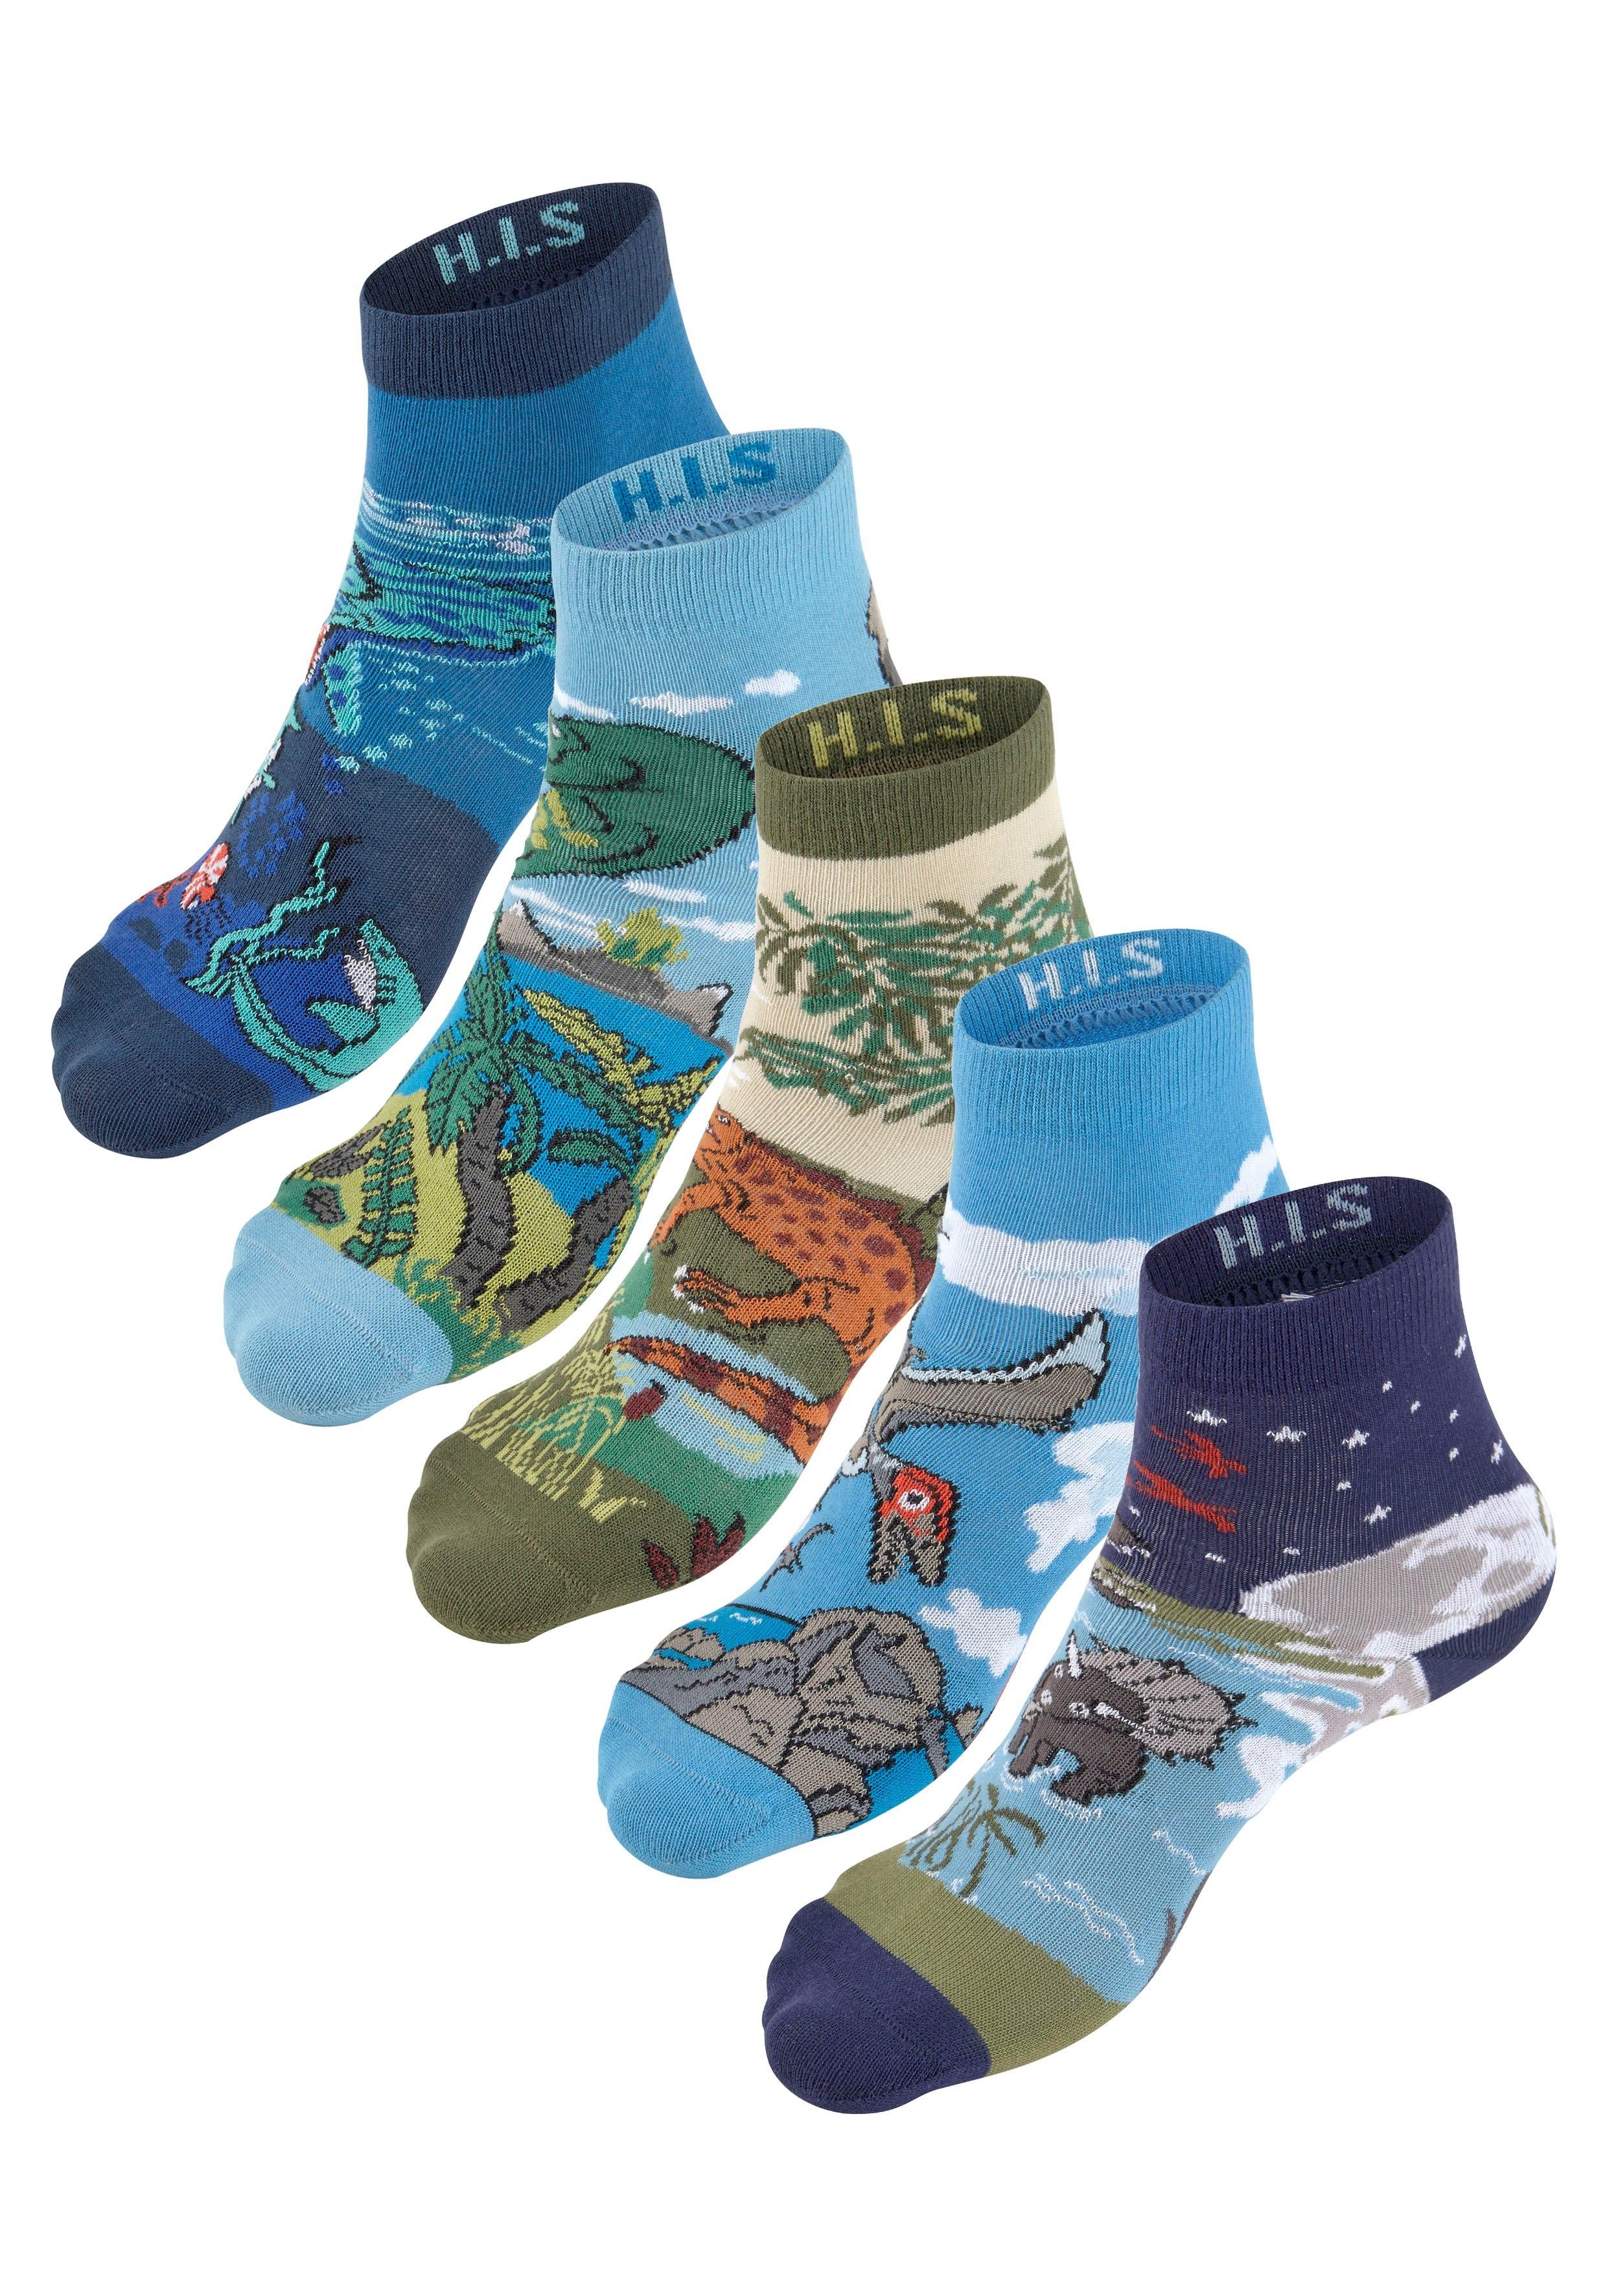 H.I.S sokken (5 paar) online kopen op lascana.nl